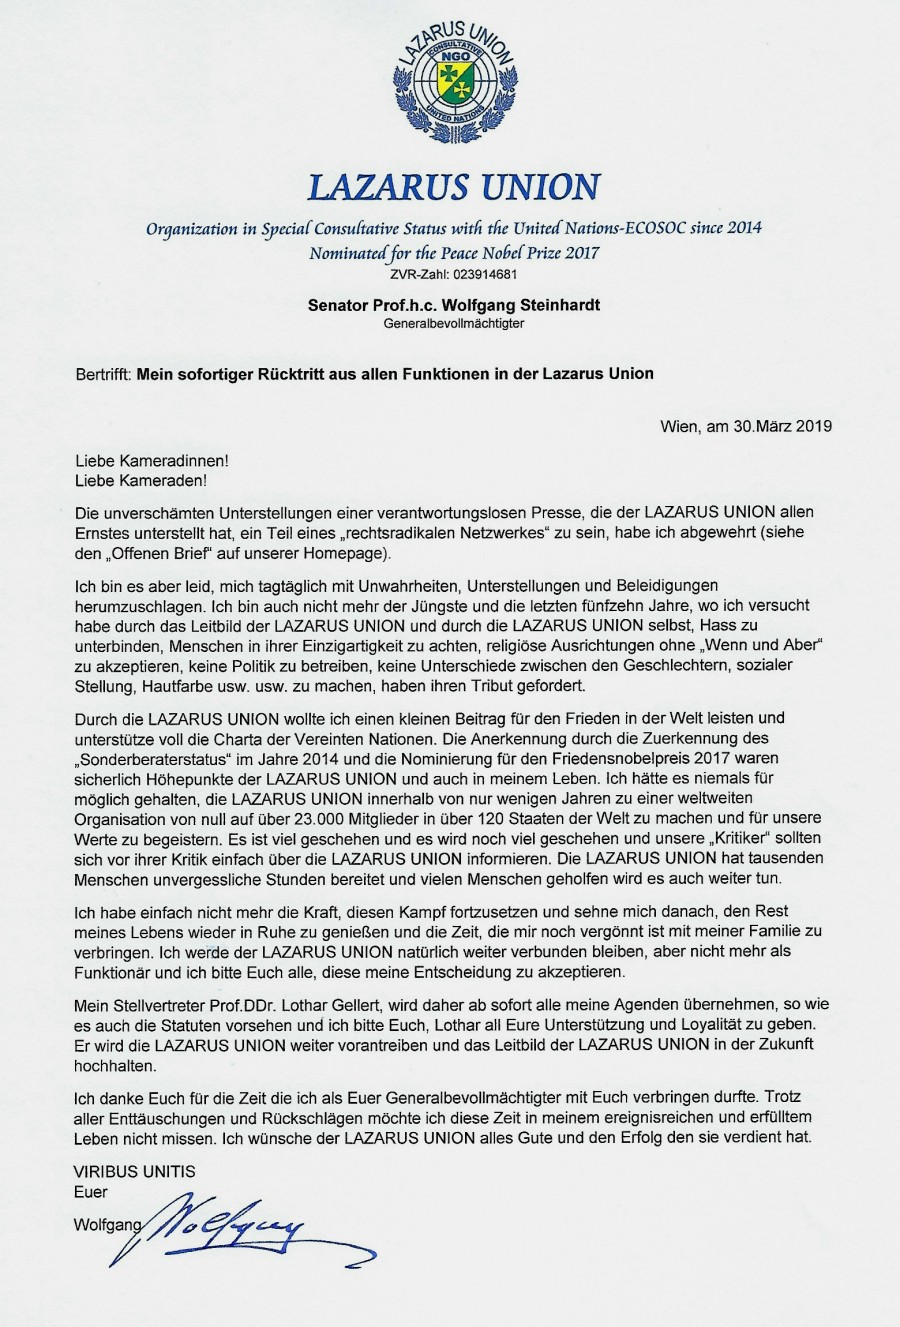 Rücktritt WST